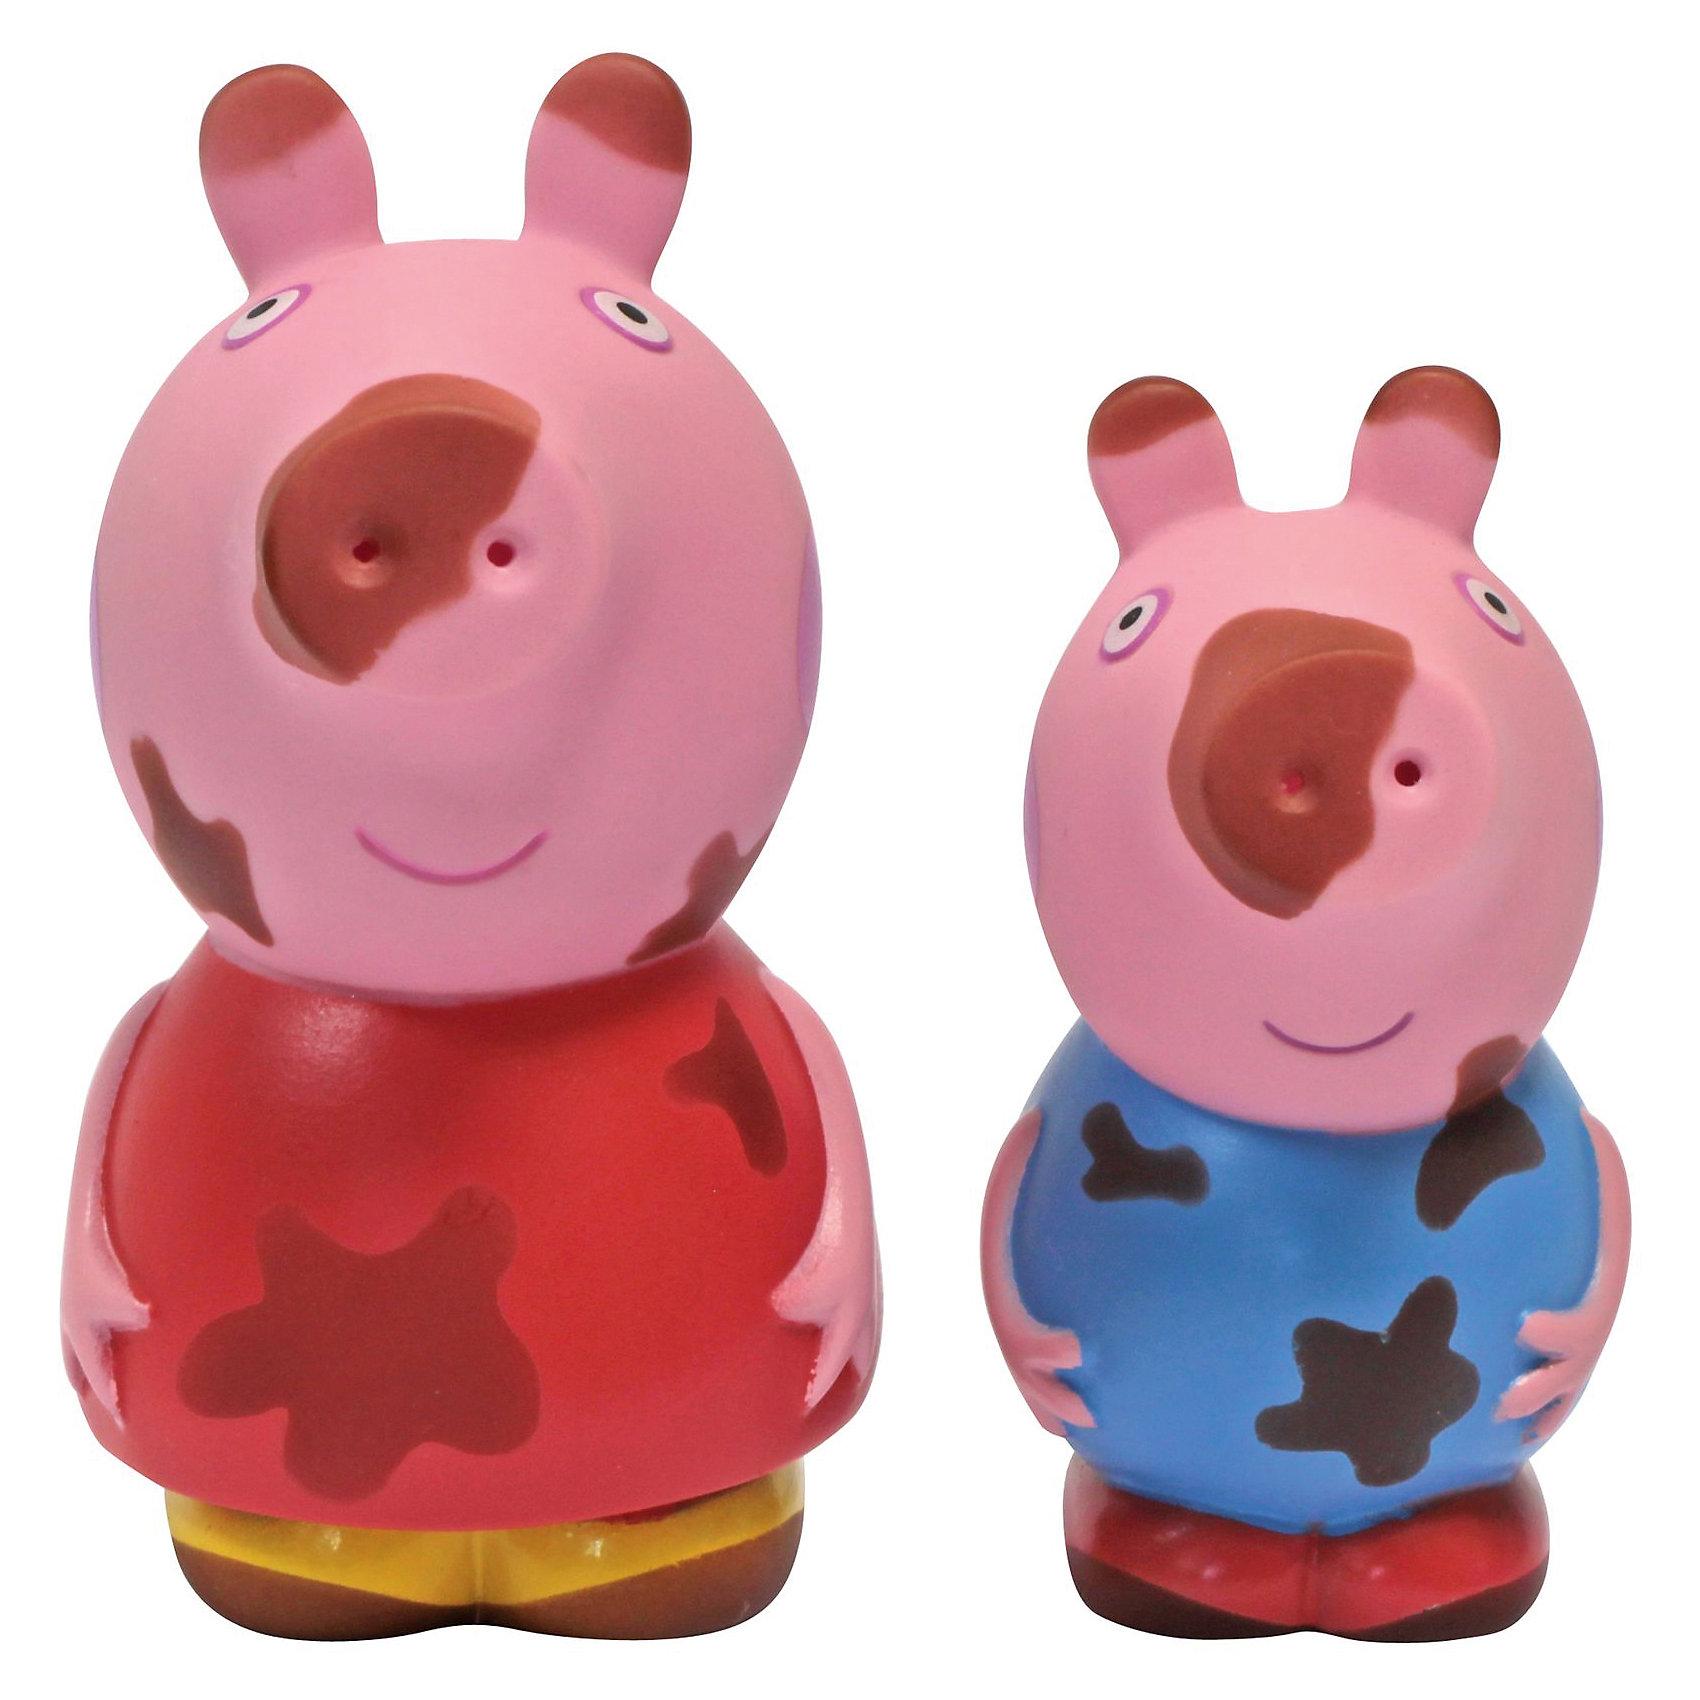 Набор Чистюля или грязнуля, Свинка ПеппаСвинка Пеппа<br>Детки обожают купаться в ванне в компании любимых игрушек, поэтому игровой набор «Чистюля или грязнуля» с фигурками в виде героев мультфильма «Свинка Пеппа» обязательно приведет в восторг вашего малыша. Пеппа и Джордж прыгали по лужам и перепачкались в грязи. Им срочно нужно помыться! Опустите их в теплую воду, и пятна исчезнут, будто их и не бывало. Достаньте игрушки из воды, подождите немного – вы увидите, как магическим образом пятнышки появляются снова.<br><br>Дополнительная информация:<br><br>В игровом наборе для ванной «Чистюля или грязнуля» «Peppa Pig» 2 фигурки из пластизоля, брызгающиеся водой: Свинка Пеппа (10 см) и Малыш Джордж (8 см). <br>Пятна на фигурках исчезают в теплой воде. <br>Упаковка размером 17,2х13,8х6,2 см.<br><br>Набор Чистюля или грязнуля, Свинка Пеппа (Peppa Pig) можно купить в нашем магазине.<br><br>Ширина мм: 173<br>Глубина мм: 145<br>Высота мм: 173<br>Вес г: 100<br>Возраст от месяцев: 36<br>Возраст до месяцев: 84<br>Пол: Унисекс<br>Возраст: Детский<br>SKU: 4621977